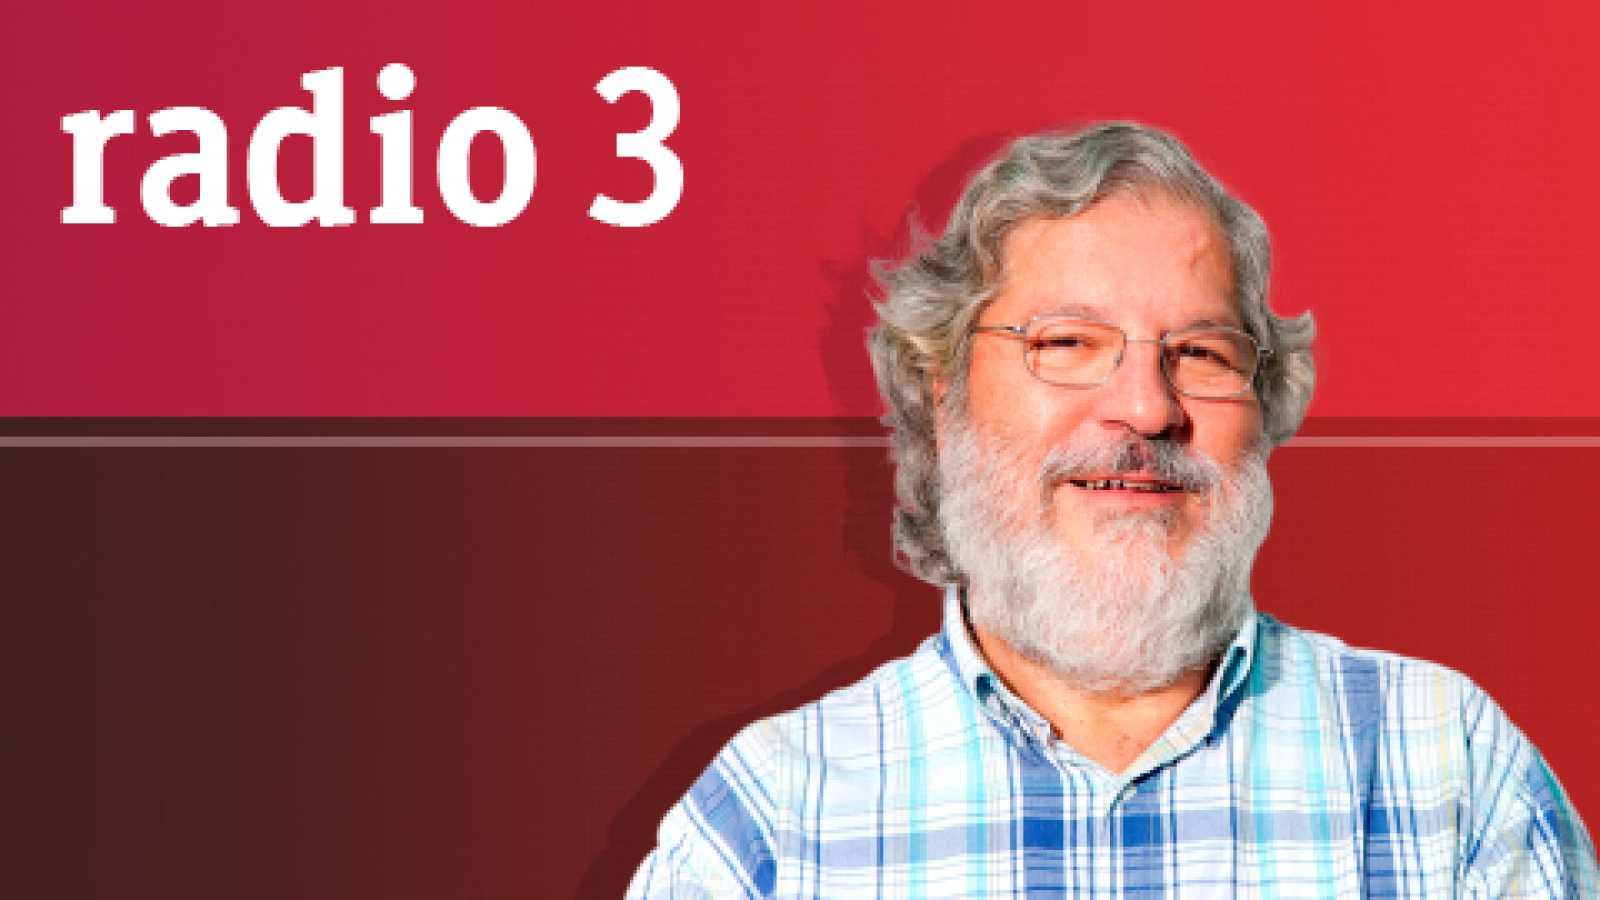 Discópolis 9457 - Los sesenta 102 - Woodstock'69 08 - 25/08/16 - escuchar ahora